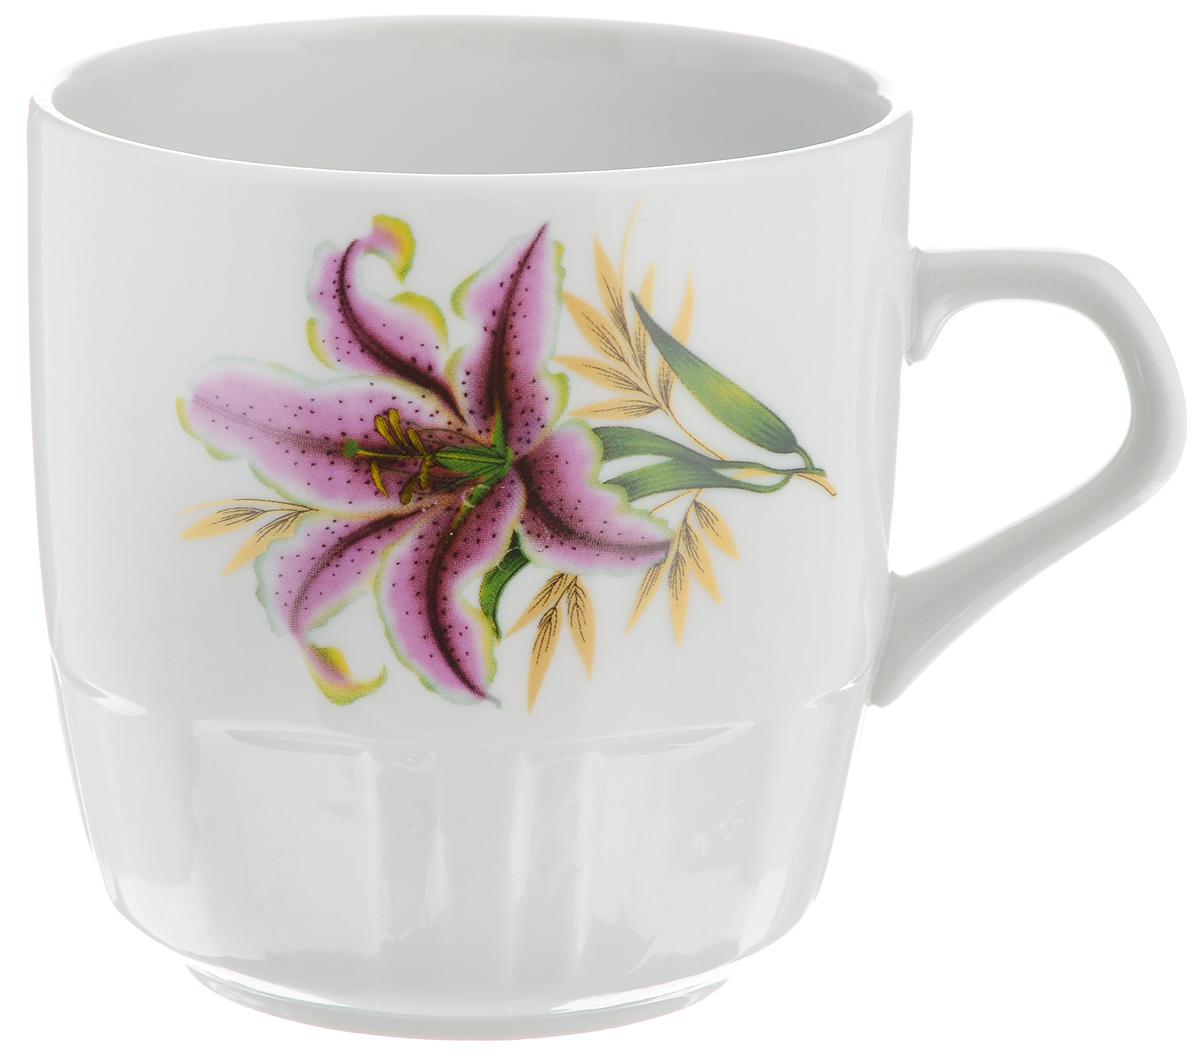 Кружка Фарфор Вербилок Розовая лилия, 250 мл5811990Красивая кружка Фарфор Вербилок Розовая лилия способна скрасить любое чаепитие. Изделие выполнено из высококачественного фарфора. Посуда из такого материала позволяет сохранить истинный вкус напитка, а также помогает ему дольше оставаться теплым.Объем кружки: 250 мл.Диаметр по верхнему краю: 8 см.Диаметр основания: 5,2 см.Высота кружки: 8,5 см.